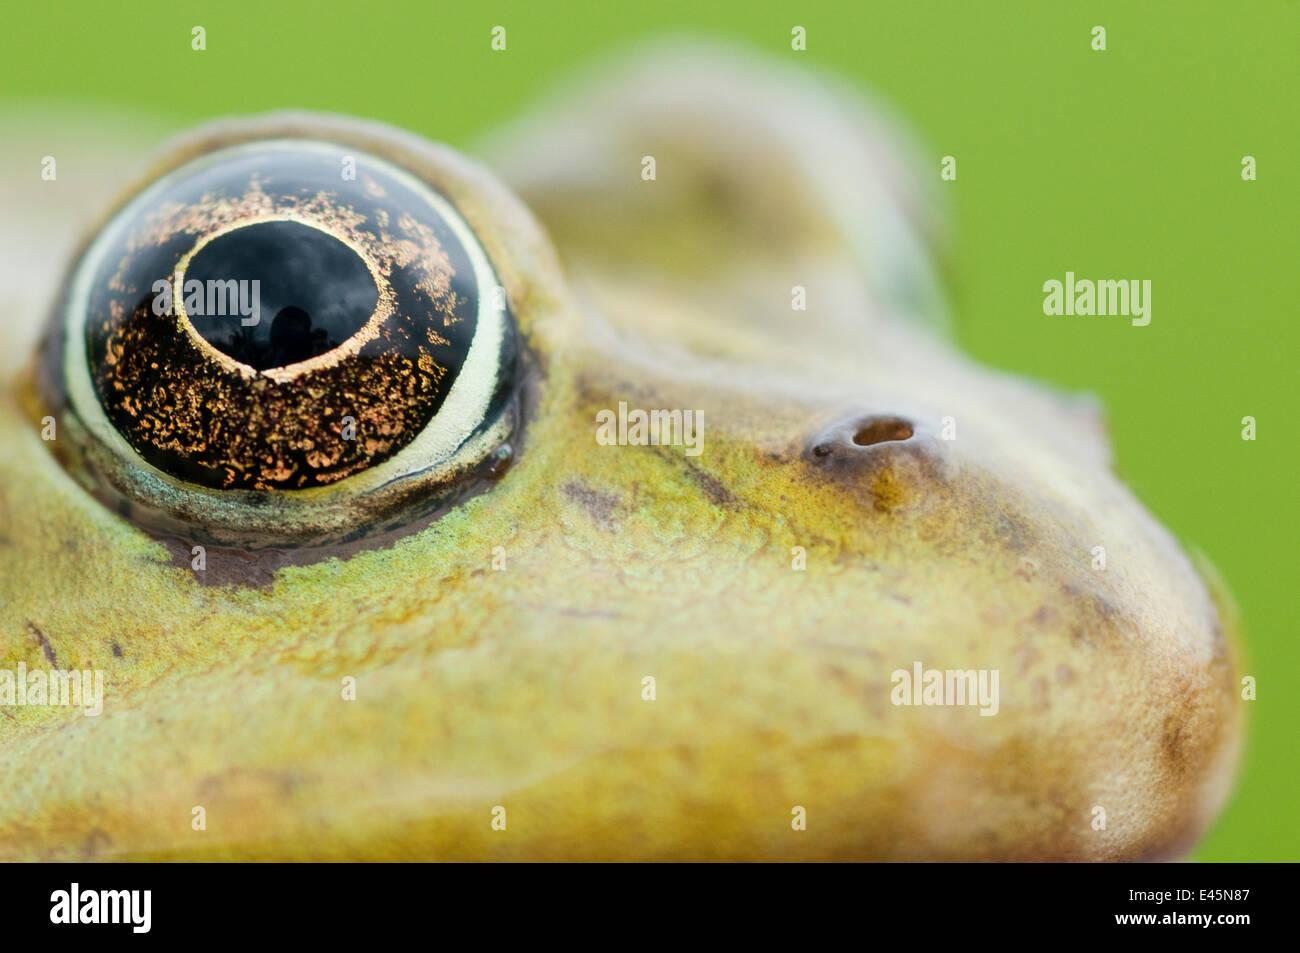 Comestibles européenne grenouille (Rana esculenta) gros plan de la tête montrant l'œil, Prypiat, Bélarus, Photo Stock